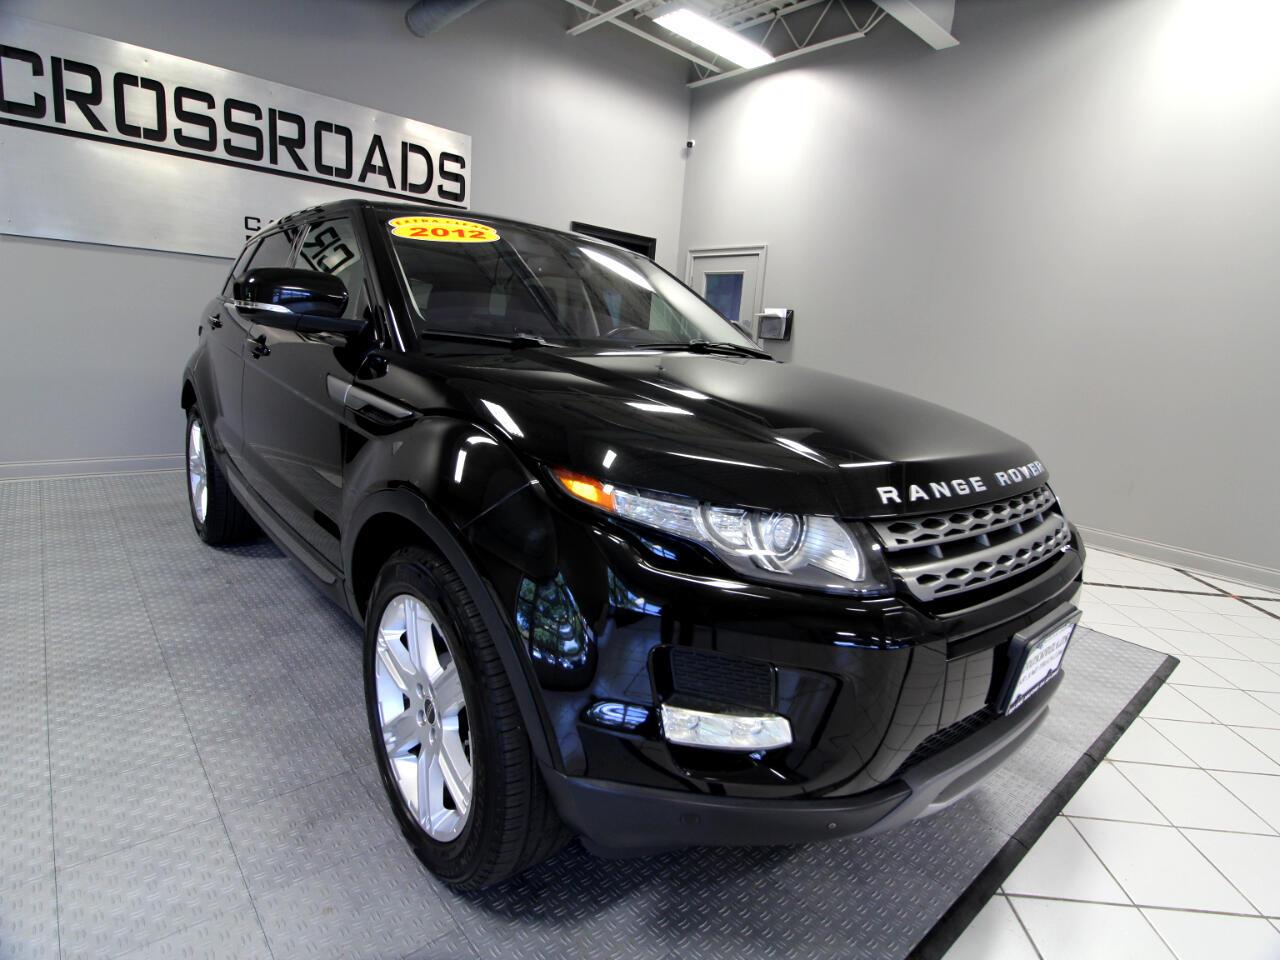 2012 Land Rover Range Rover Evoque 5dr HB Pure Premium